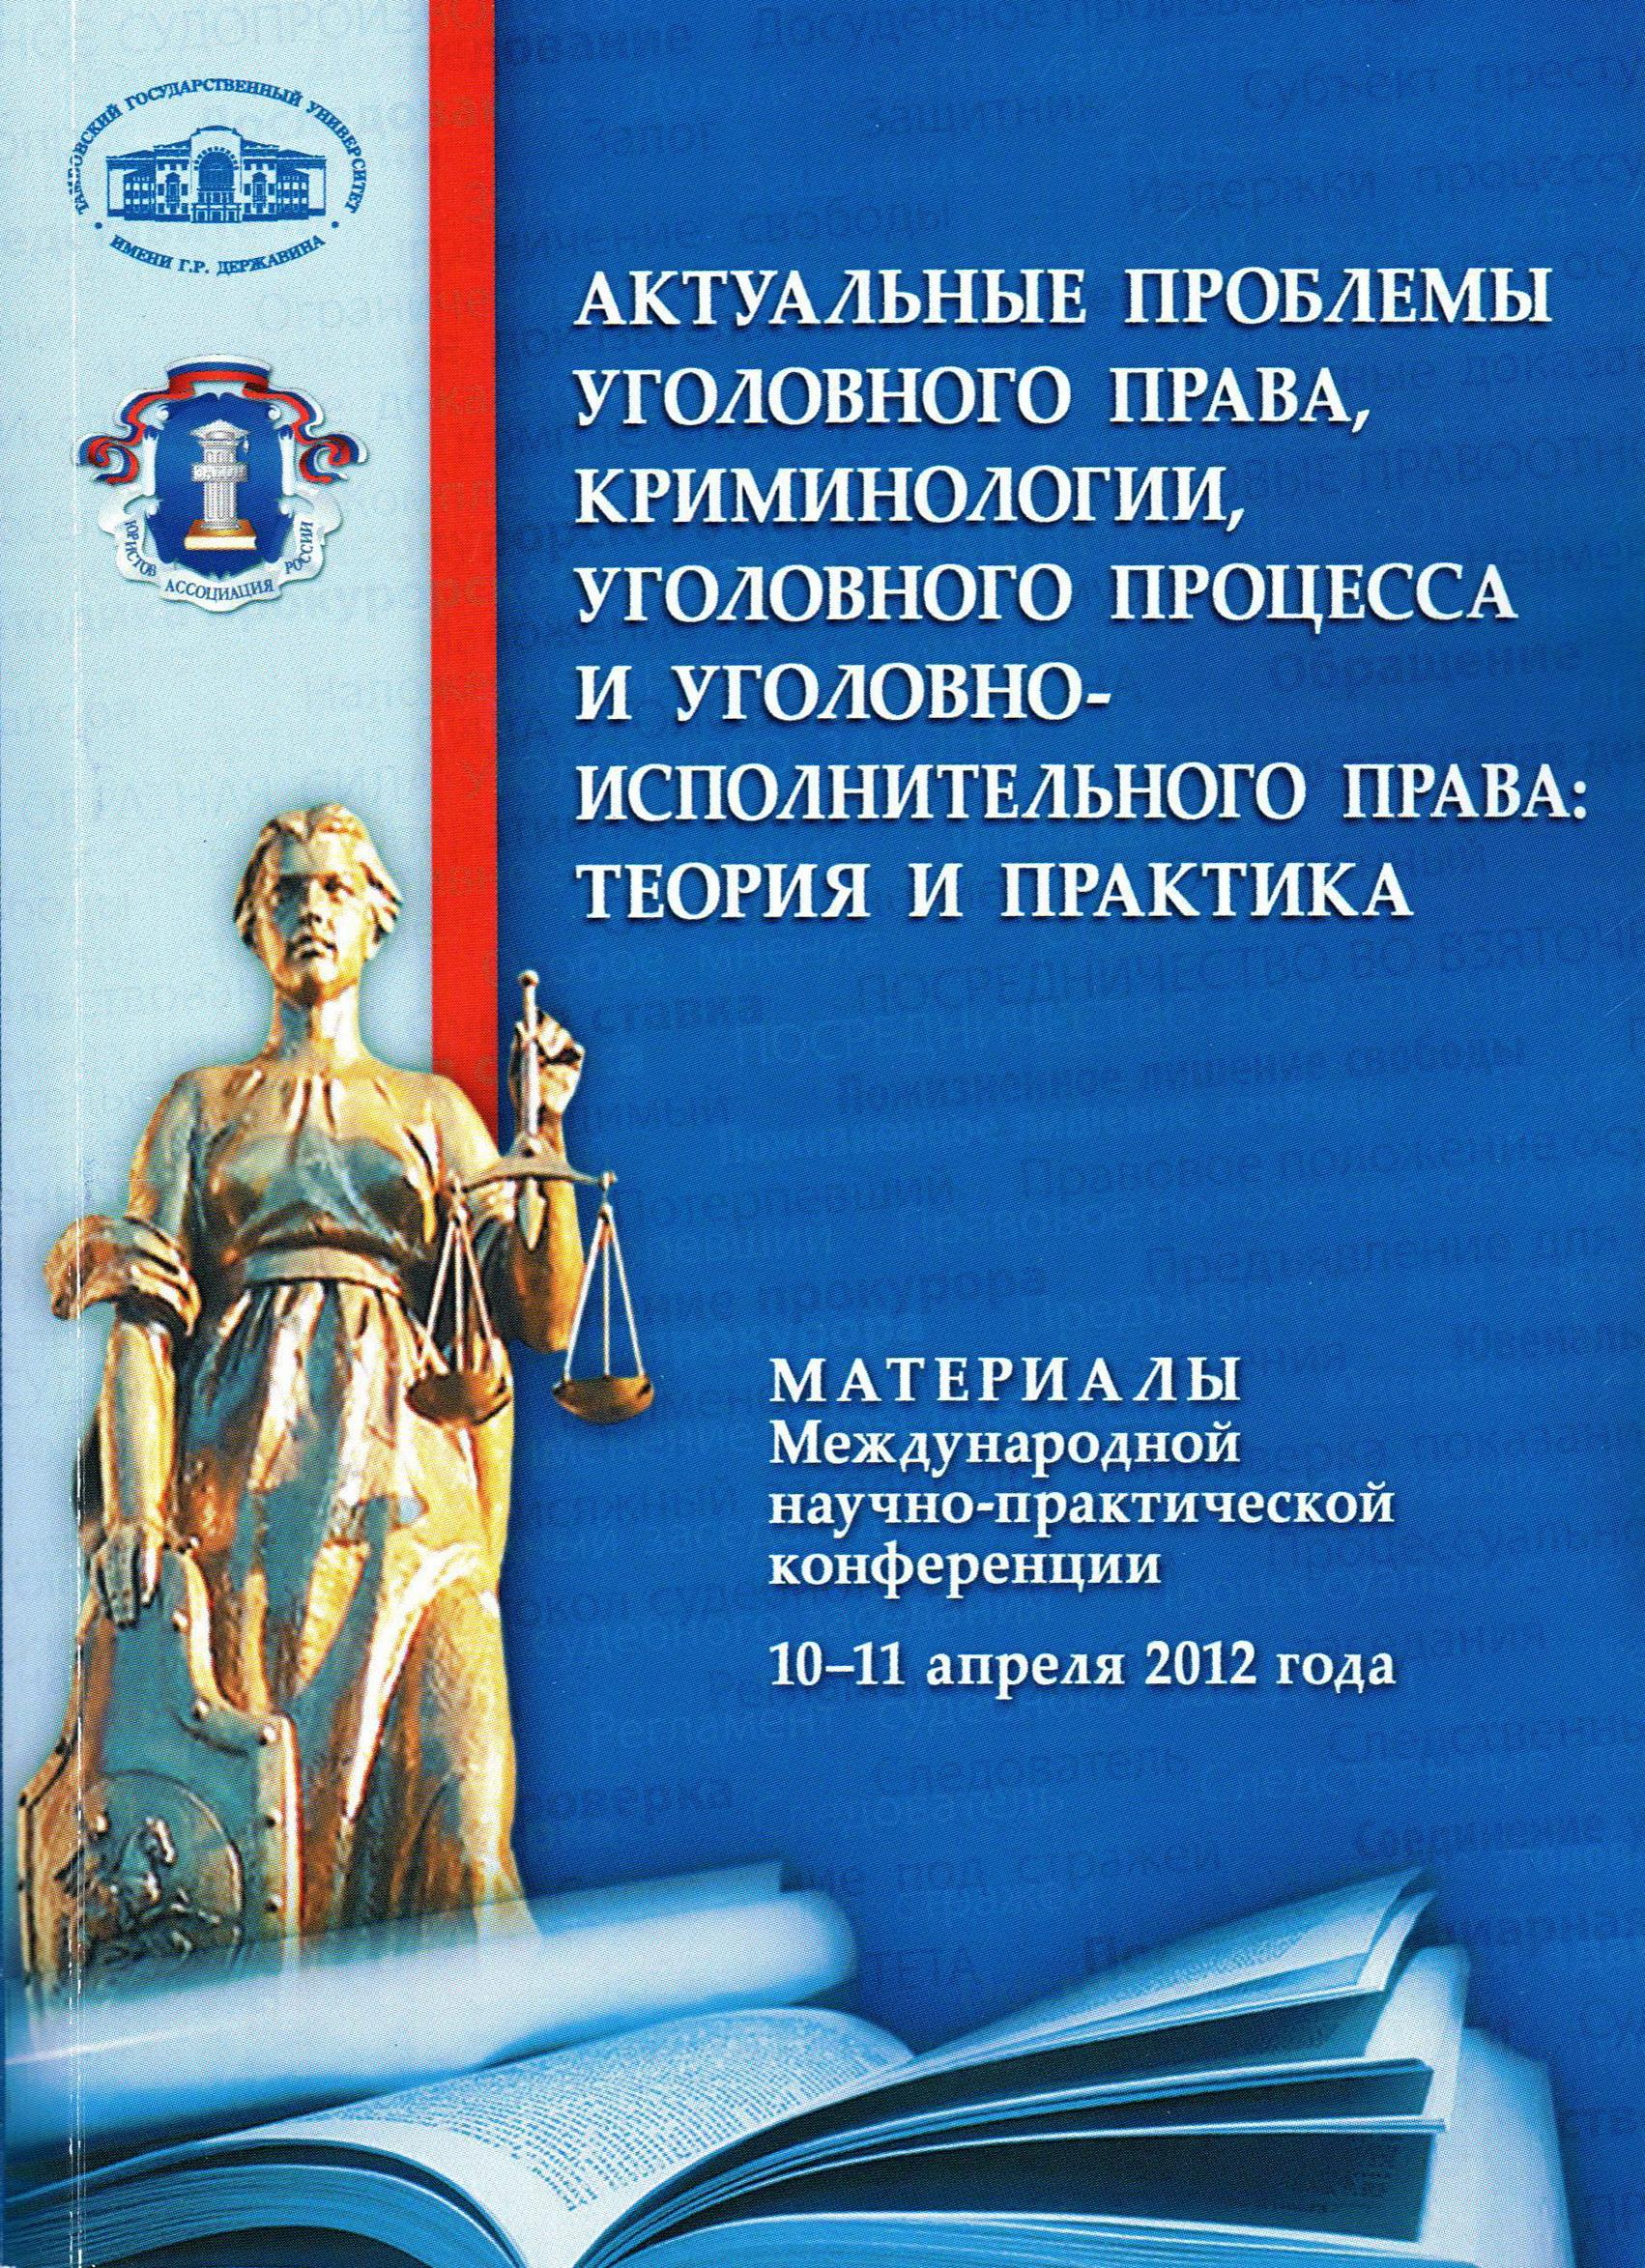 Оптимизация Уголовного кодекса РФ за преступления, совершаемые на рынке ценных бумаг